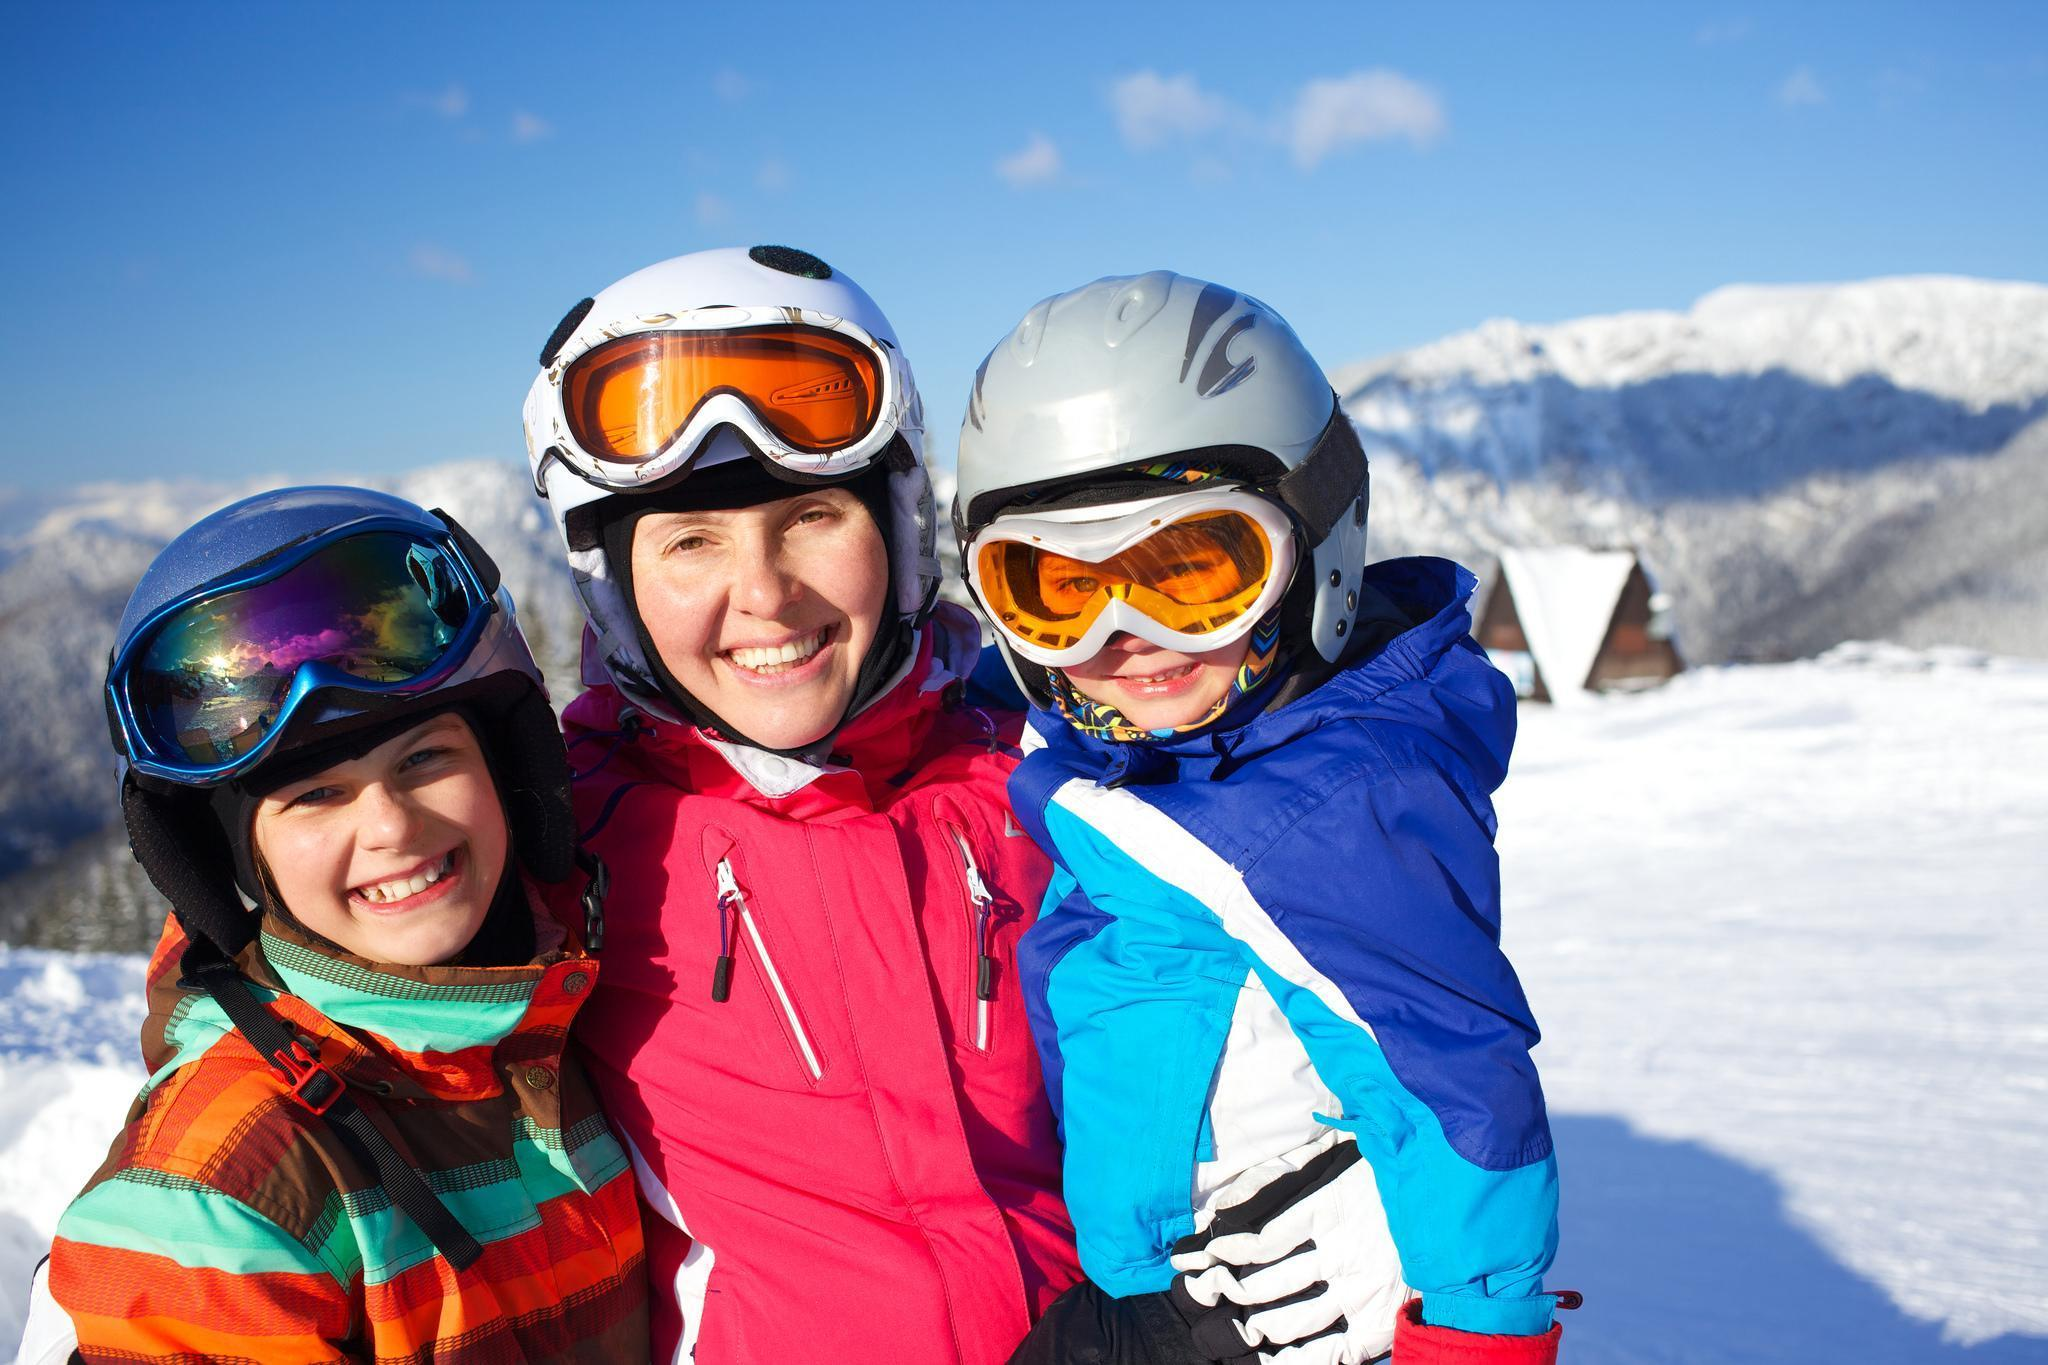 Skilessen voor kinderen (6-15 jaar) - Middag - Gevorderden